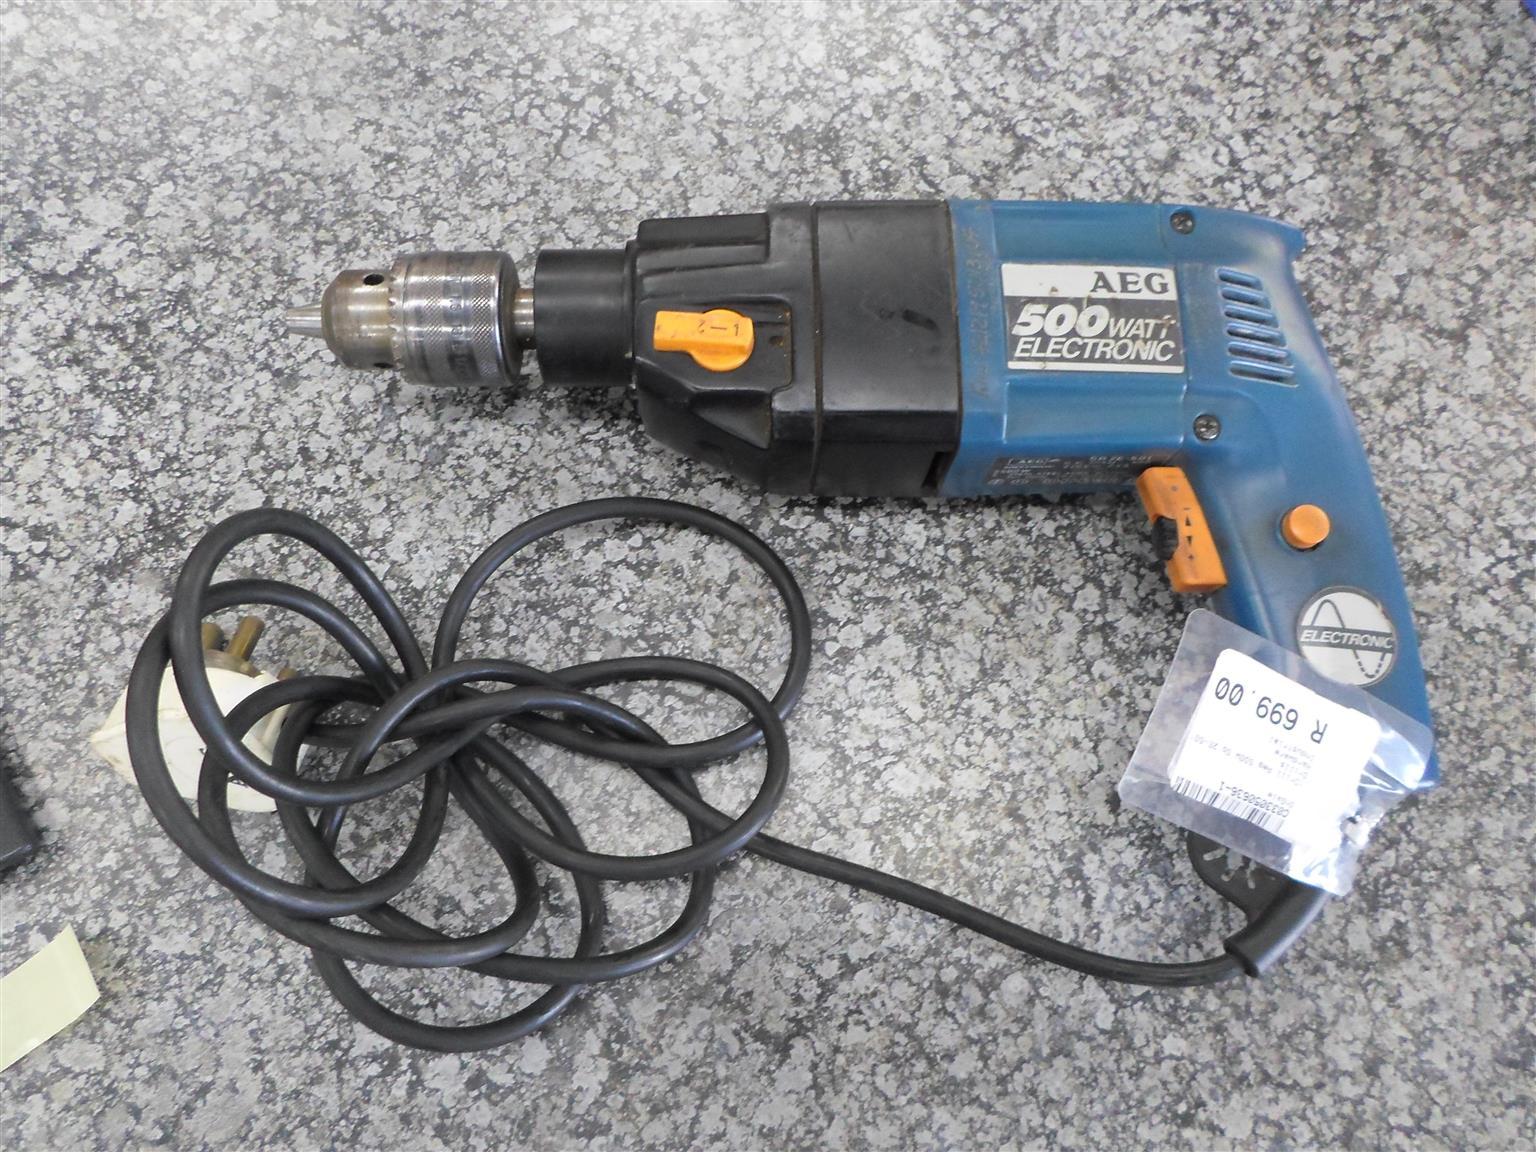 500W AEG SB 2E-501 Drill